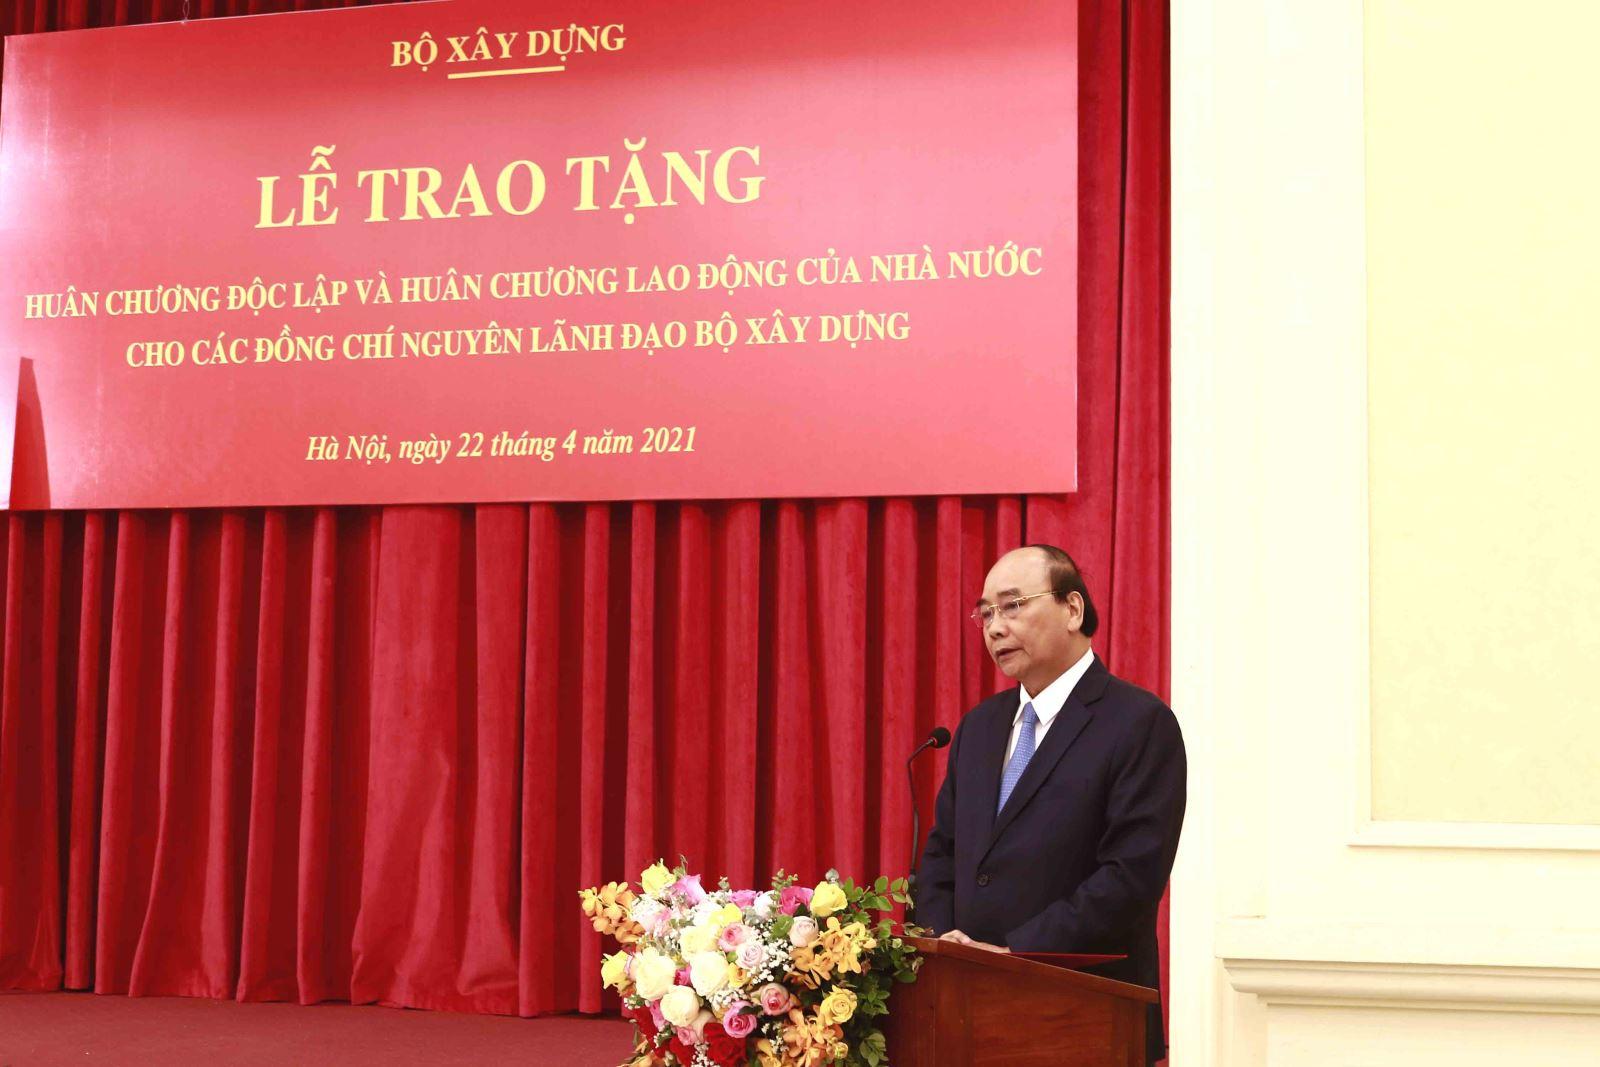 Chủ tịch nước Nguyễn Xuân Phúc phát biểu tại buổi Lễ